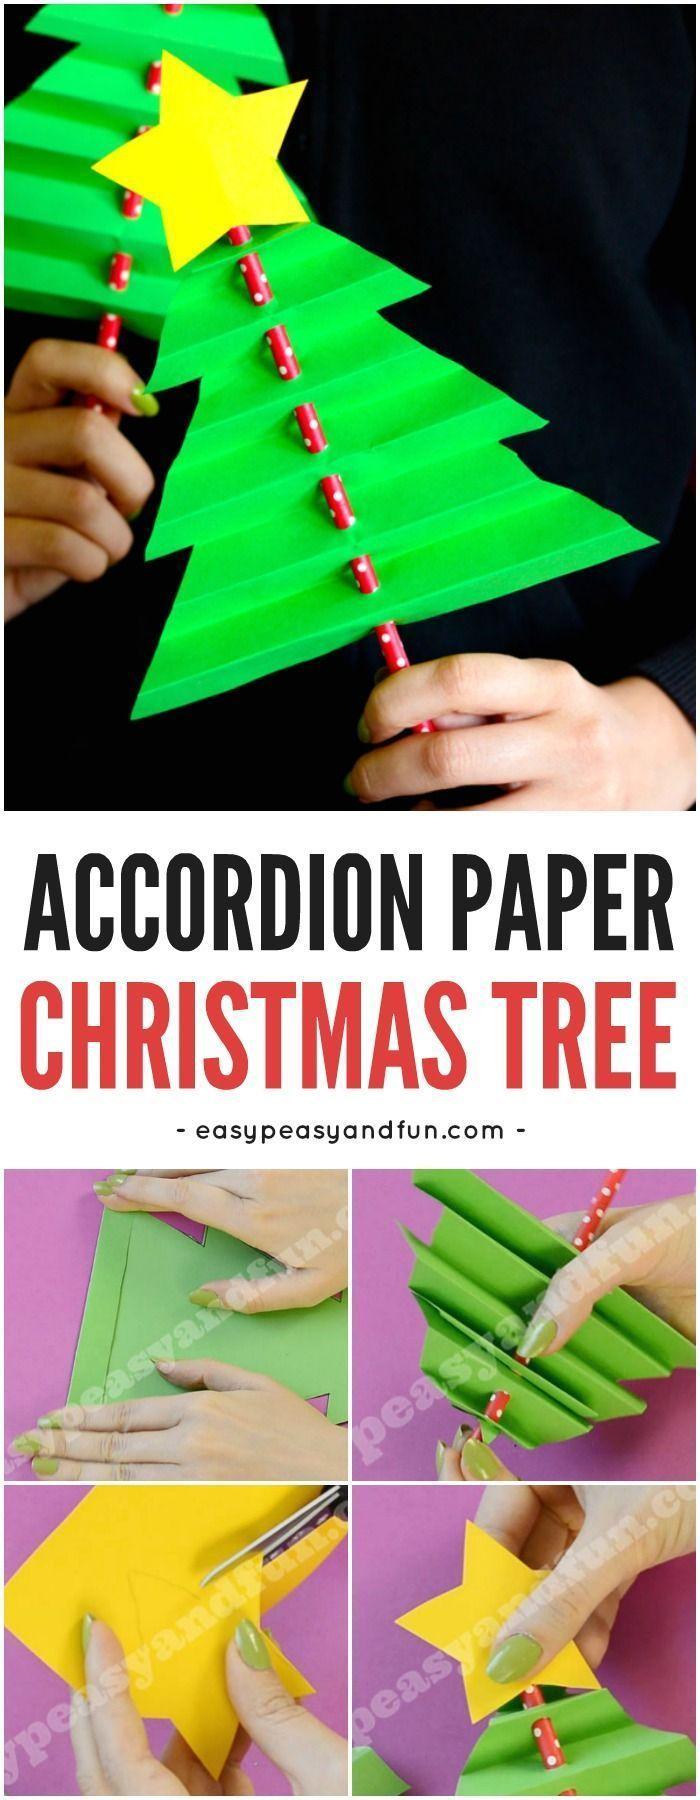 Akkordeonpapier Weihnachtsbaum. Simple Christmas Craft für Kinder mit einem